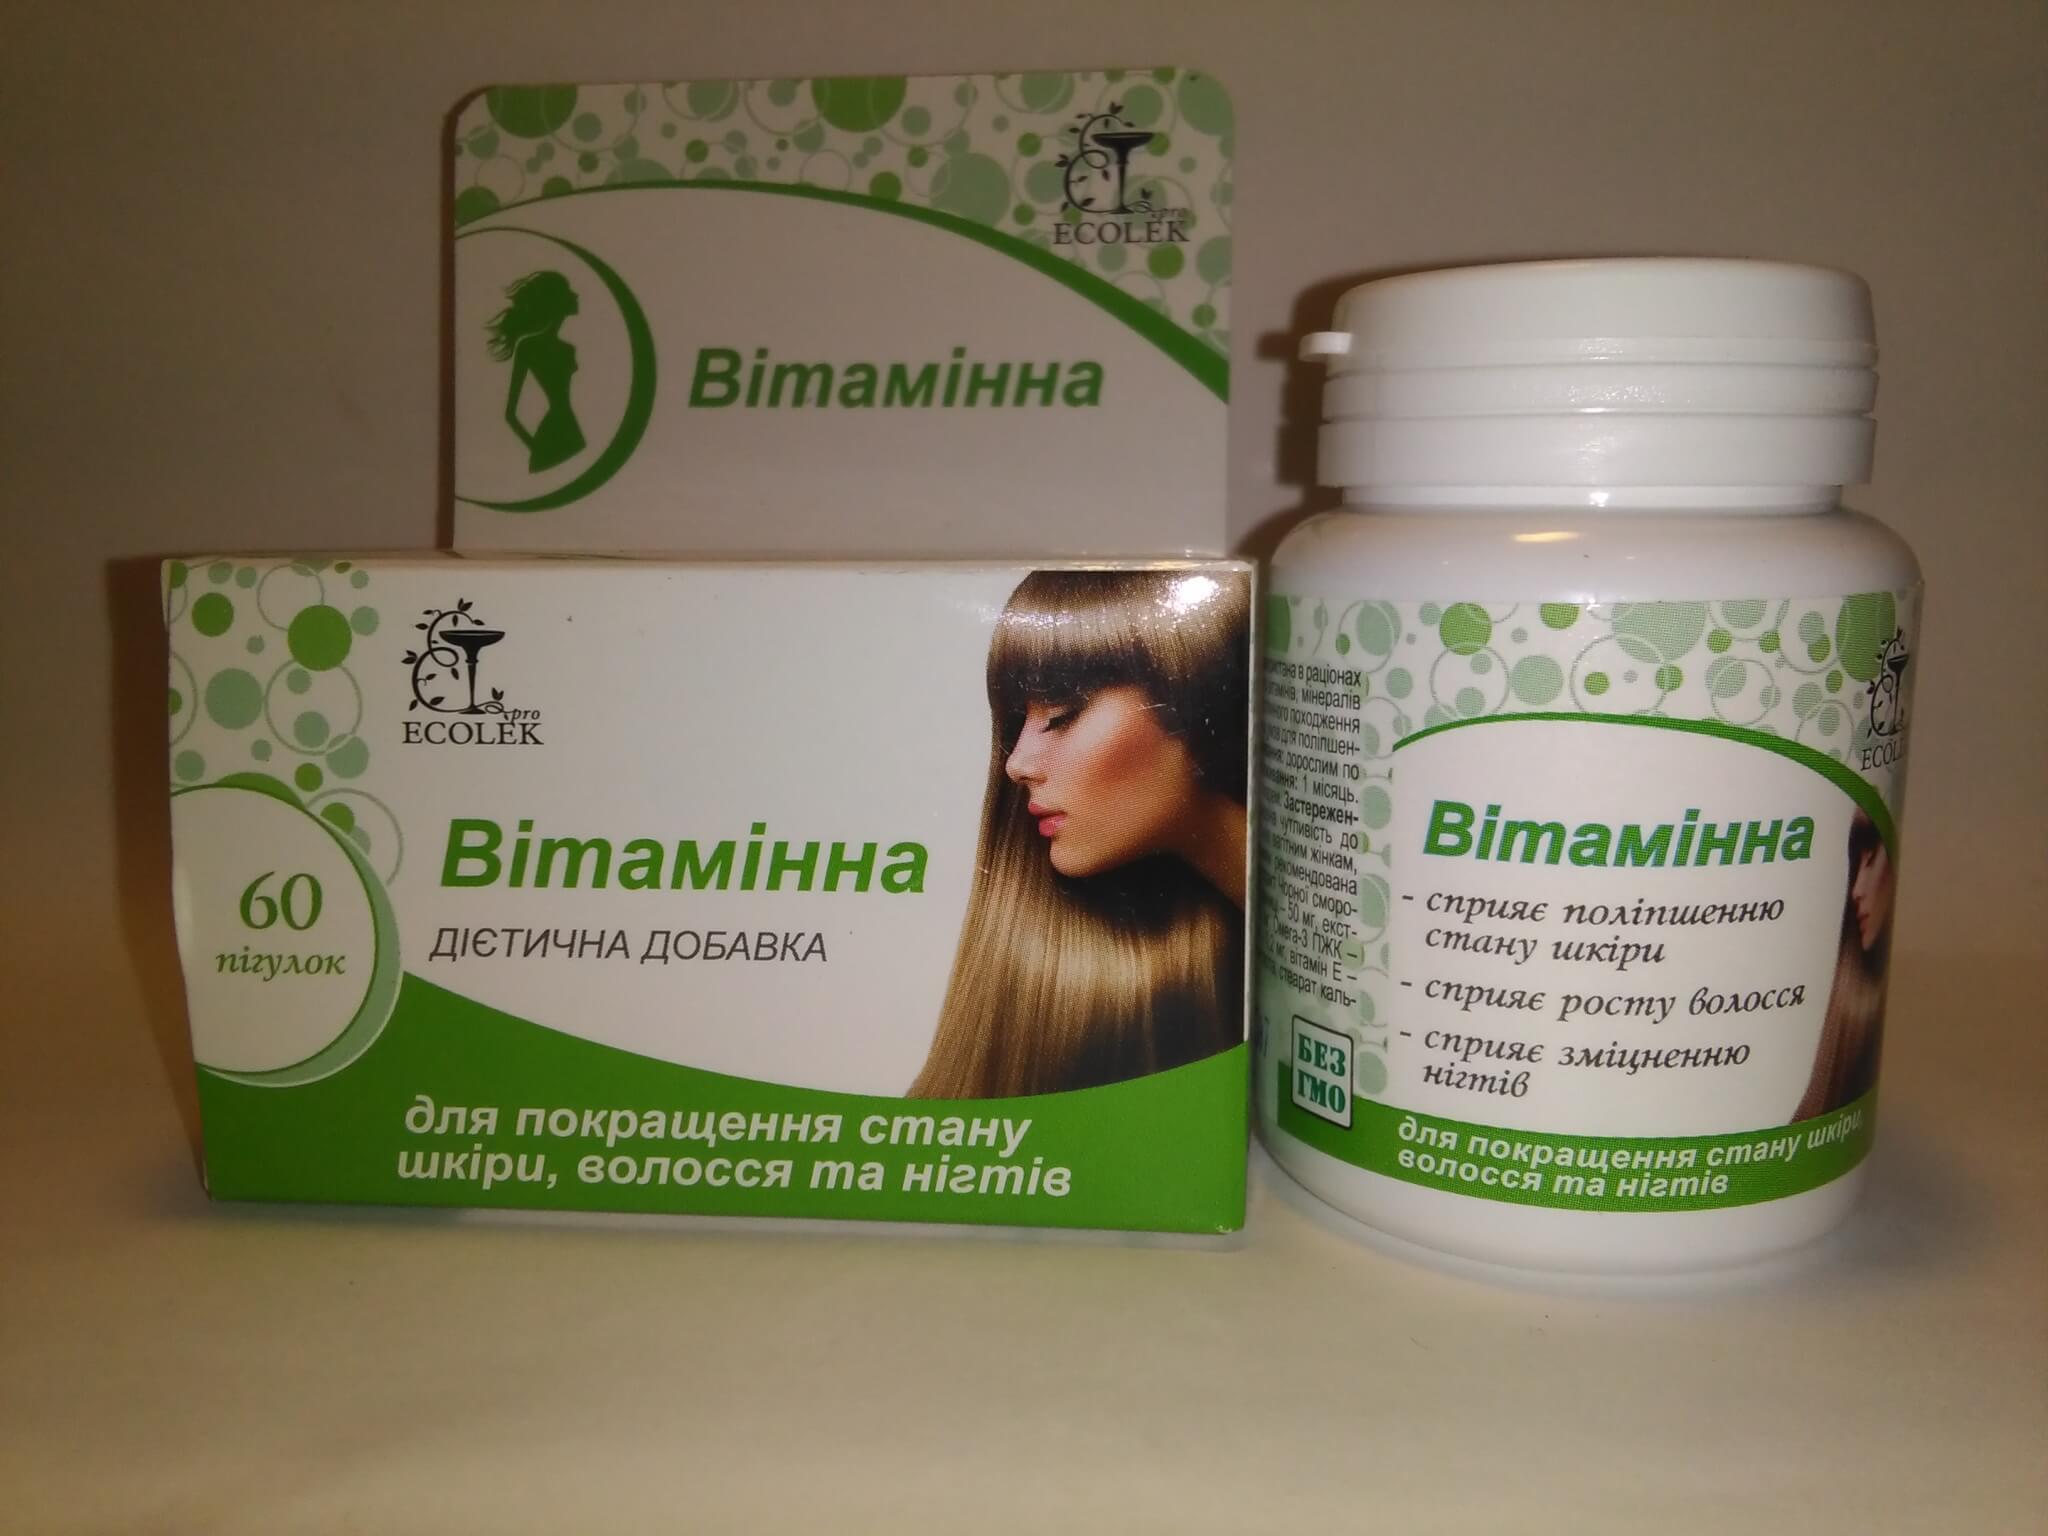 для улучшения состояния кожи, волос, ногтей на основе растительых натуральных экстрактов и витаминов